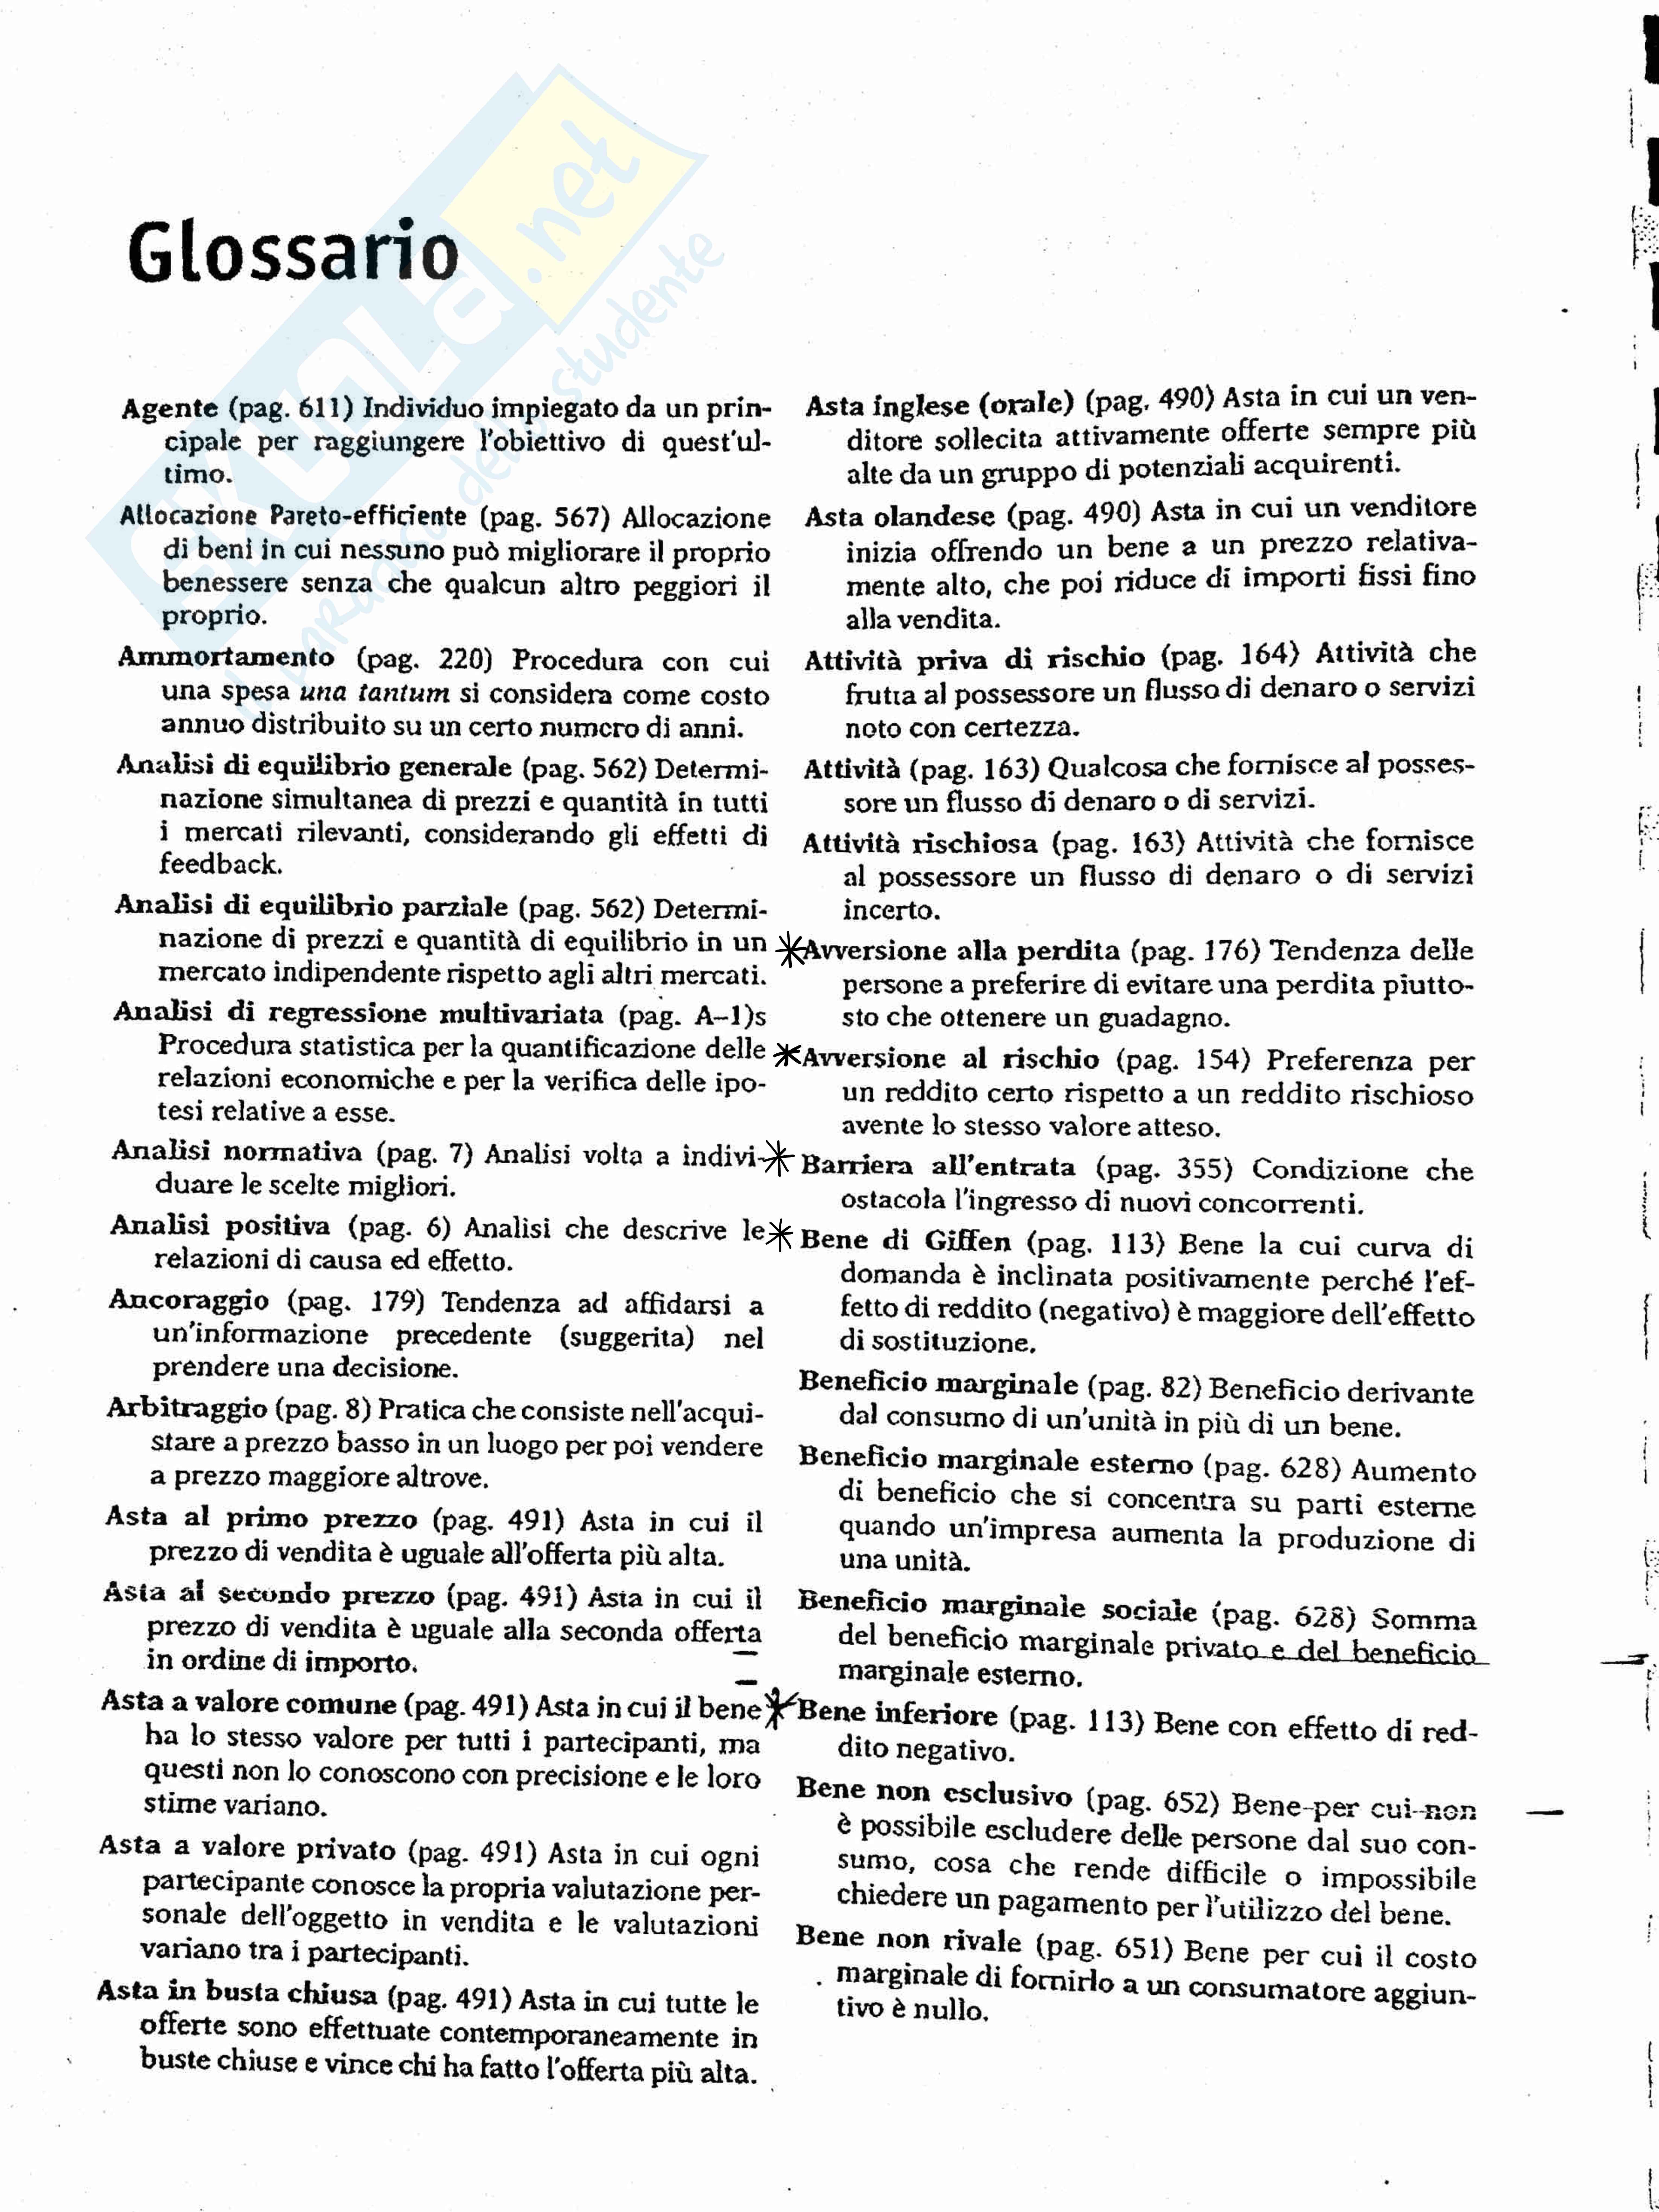 Glossario Definizioni Microeconomia